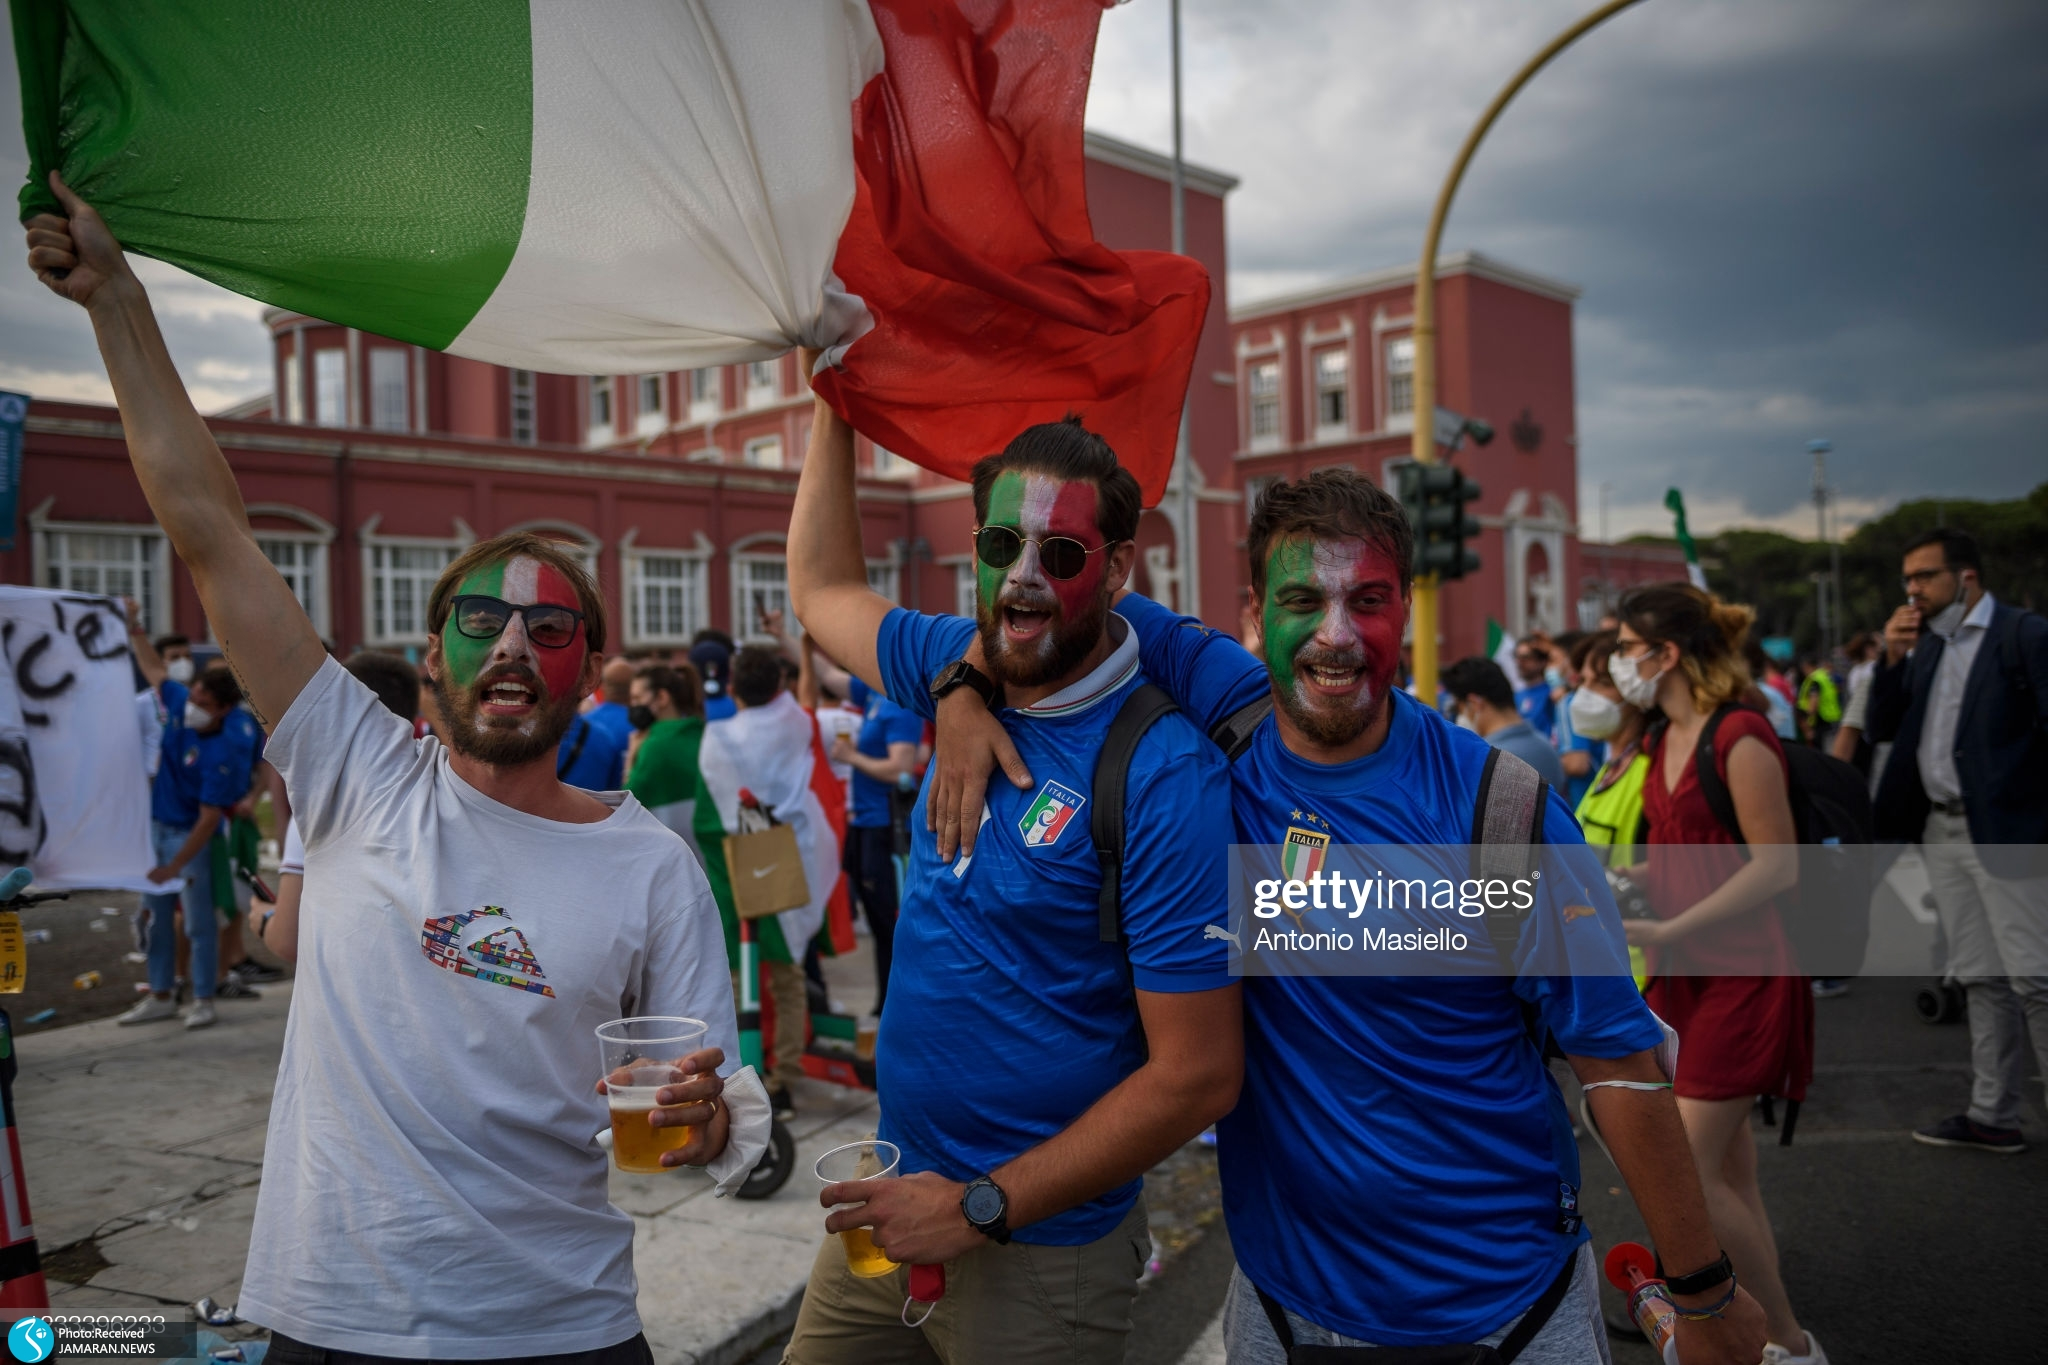 یورو ۲۰۲۰ ایتالیا ترکیه